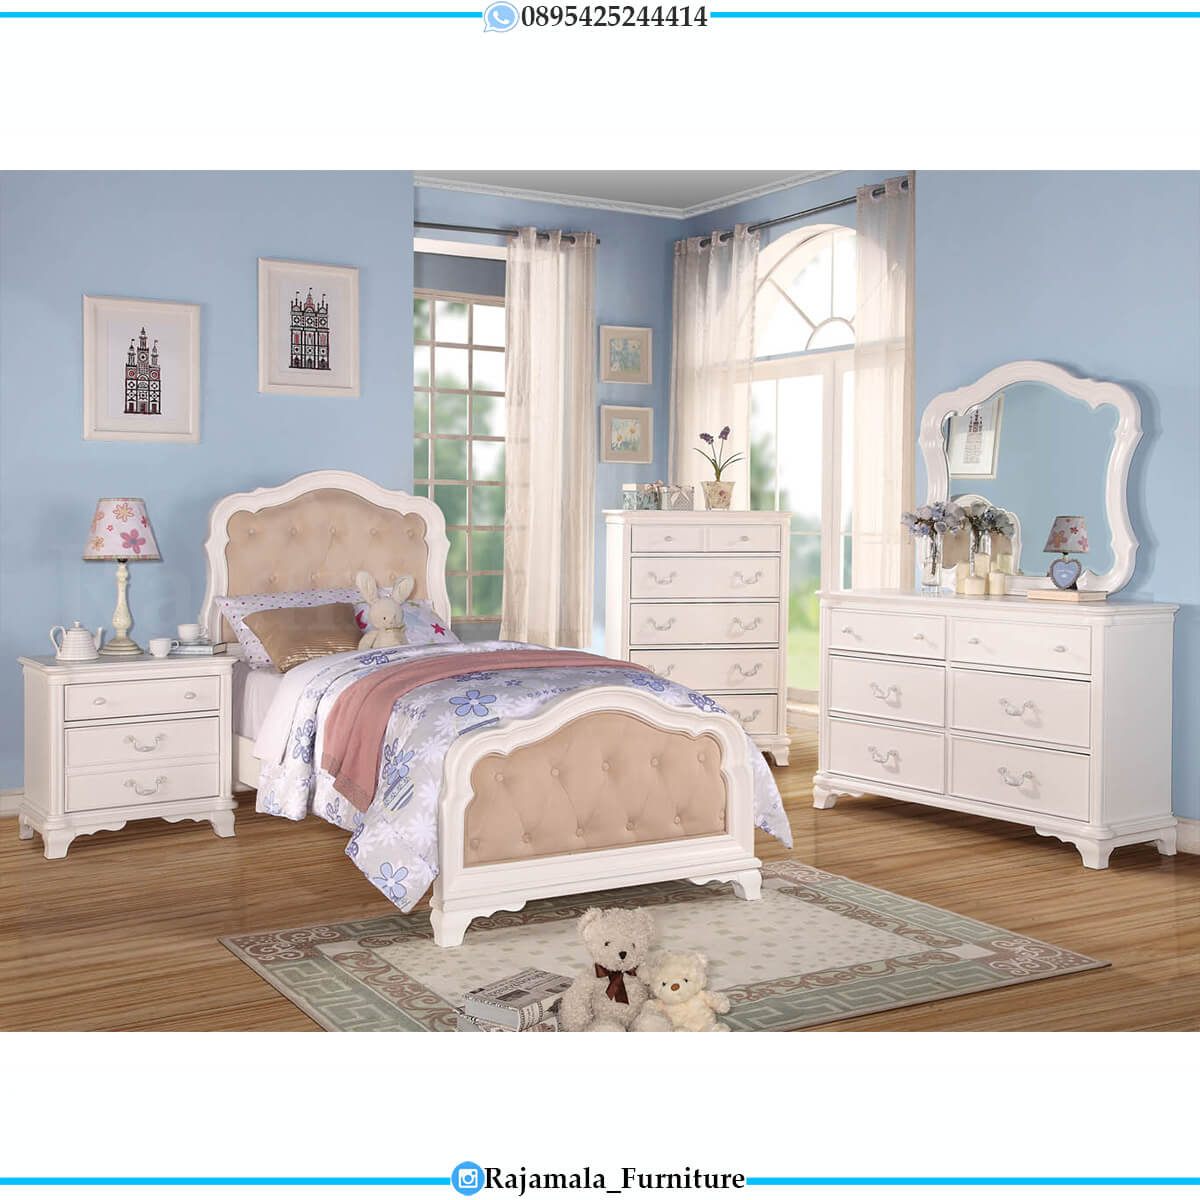 Harga Tempat Tidur Anak Terbaru Putih Duco Modern Color Jepara RM-0636